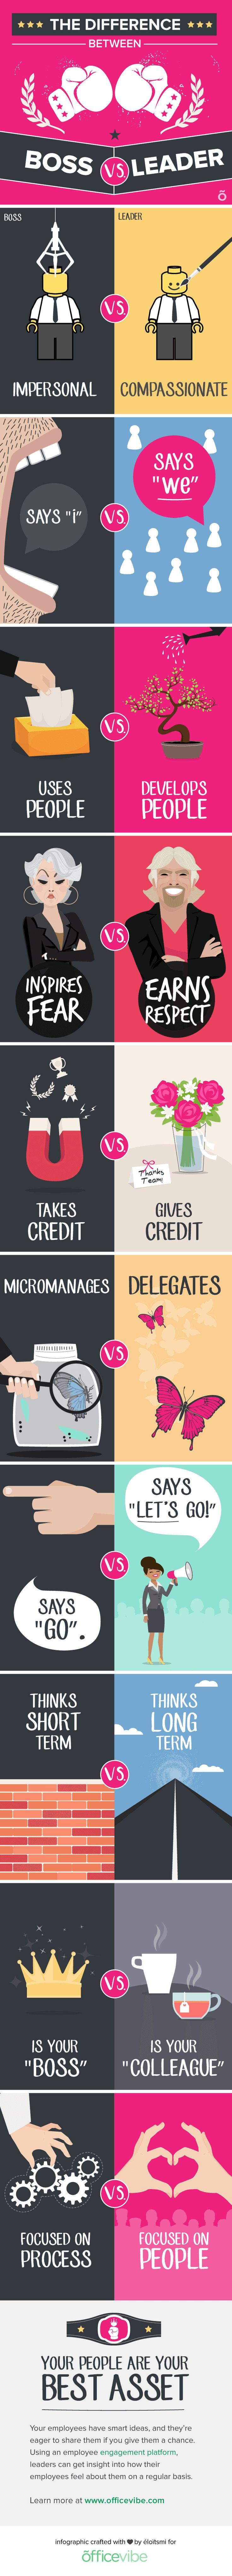 Diferencia entre un jefe y un líder #infografia #leadership #rrhh | TICs y Formación